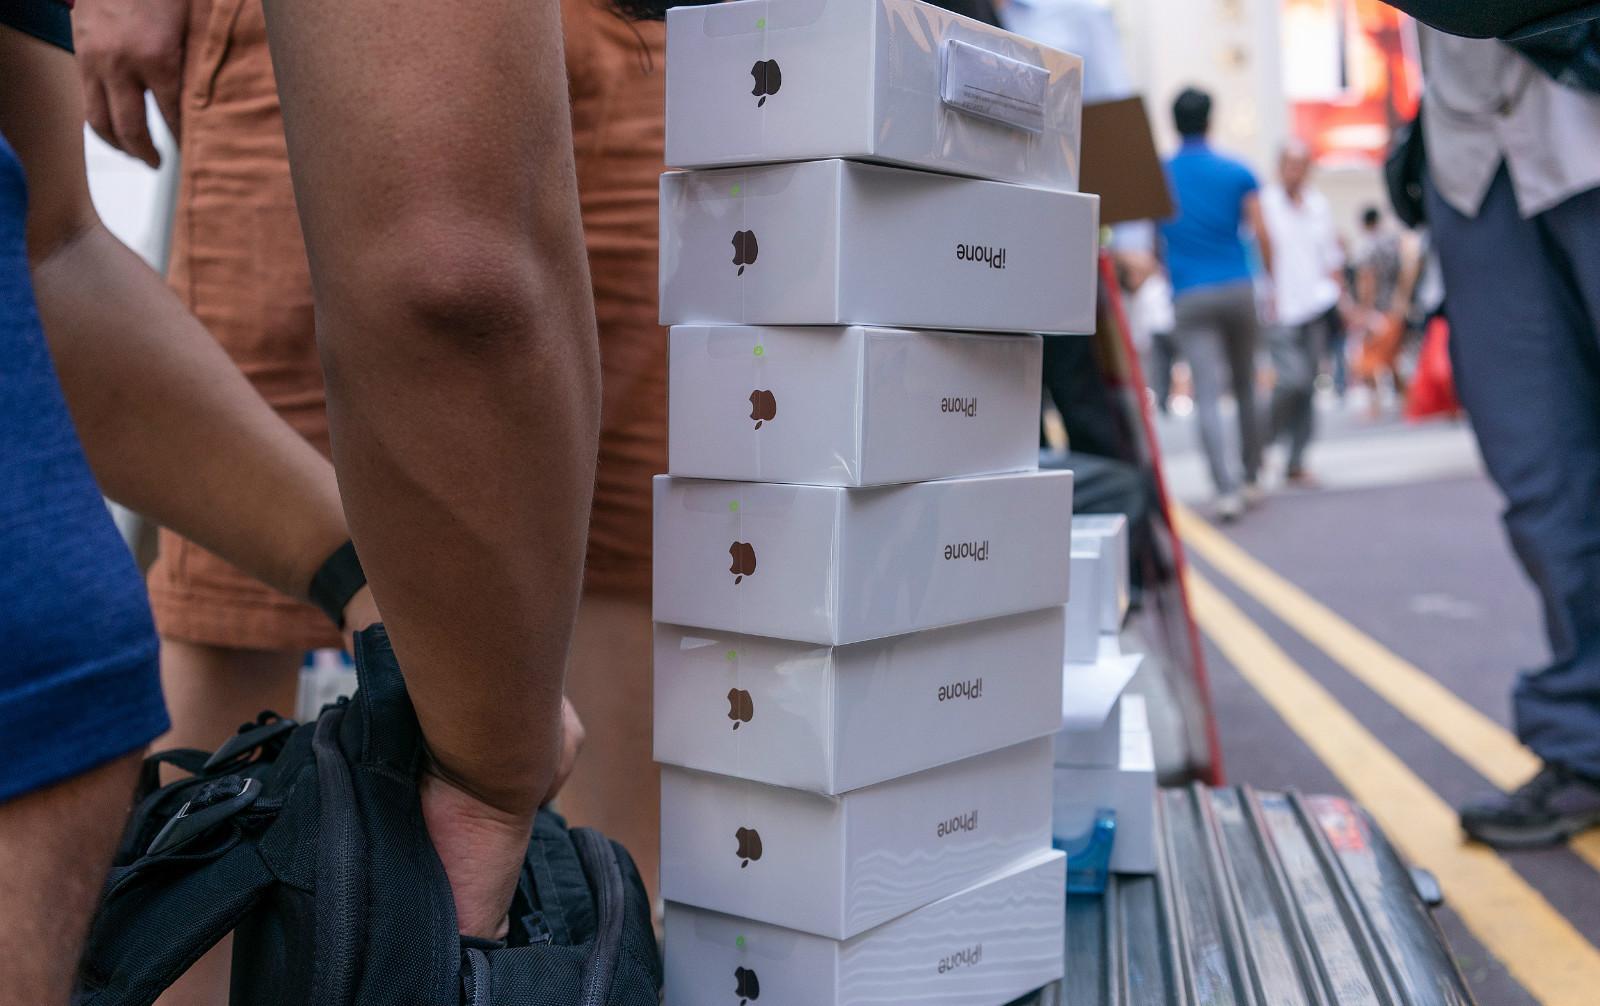 中国留学生用假 iPhone 骗了苹果 600 万,背后是几十亿的售后灰色产业链